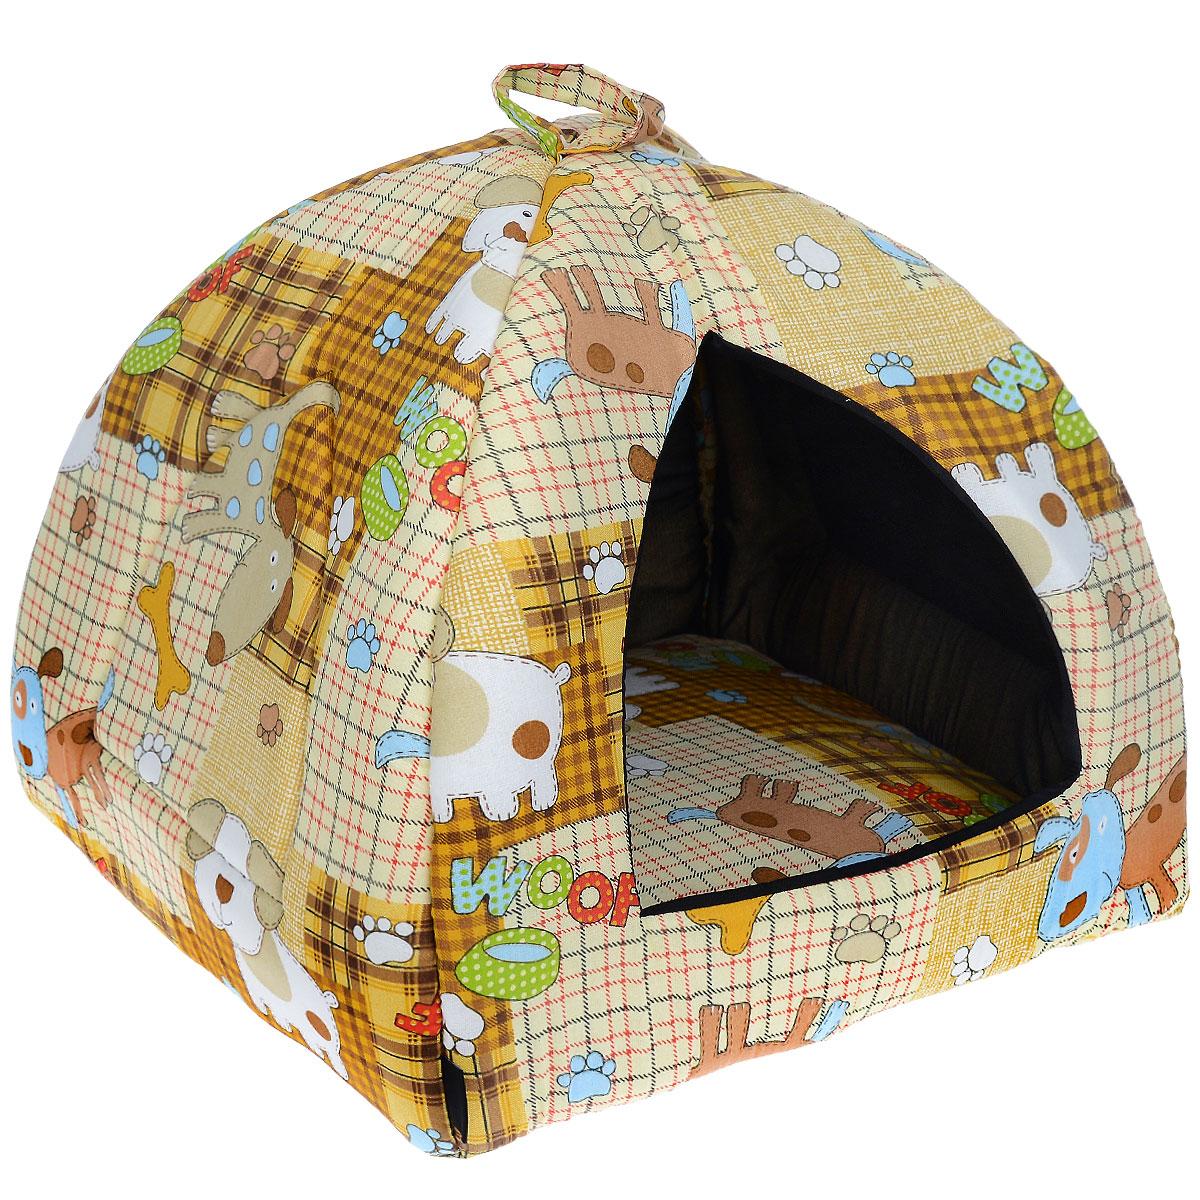 Домик для кошек и собак Гамма, цвет: бежевый, коричневый, 40 см х 40 см х 43 смДг-06000 бежевый, собакиДомик для кошек и собак Гамма обязательно понравится вашему питомцу. Домик предназначен для собак мелких пород и кошек. Изготовлен из хлопковой ткани с красивым принтом, внутри - мягкий наполнитель из мебельного поролона. Стежка надежно удерживает наполнитель внутри и не позволяет ему скатываться. Домик очень удобный и уютный, он оснащен мягкой съемной подстилкой из поролона. Ваш любимец сразу же захочет забраться внутрь, там он сможет отдохнуть и спрятаться. Компактные размеры позволят поместить домик, где угодно, а приятная цветовая гамма сделает его оригинальным дополнением к любому интерьеру. Размер подушки: 39 см х 39 см х 2 см. Внутренняя высота домика: 39 см. Толщина стенки: 2 см. ...